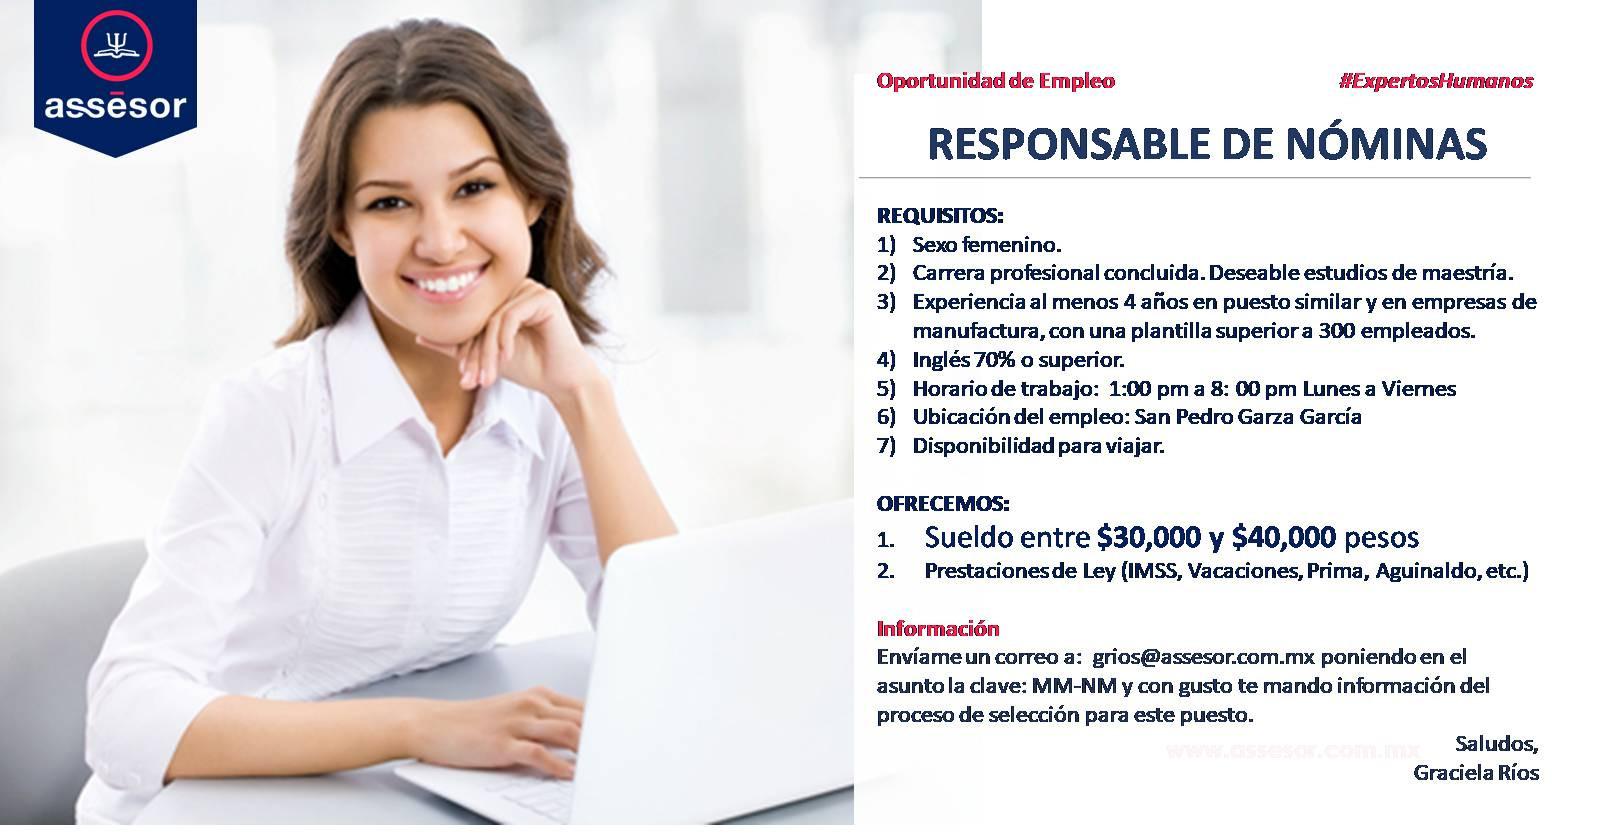 Responsable_de_Nóminas.jpg